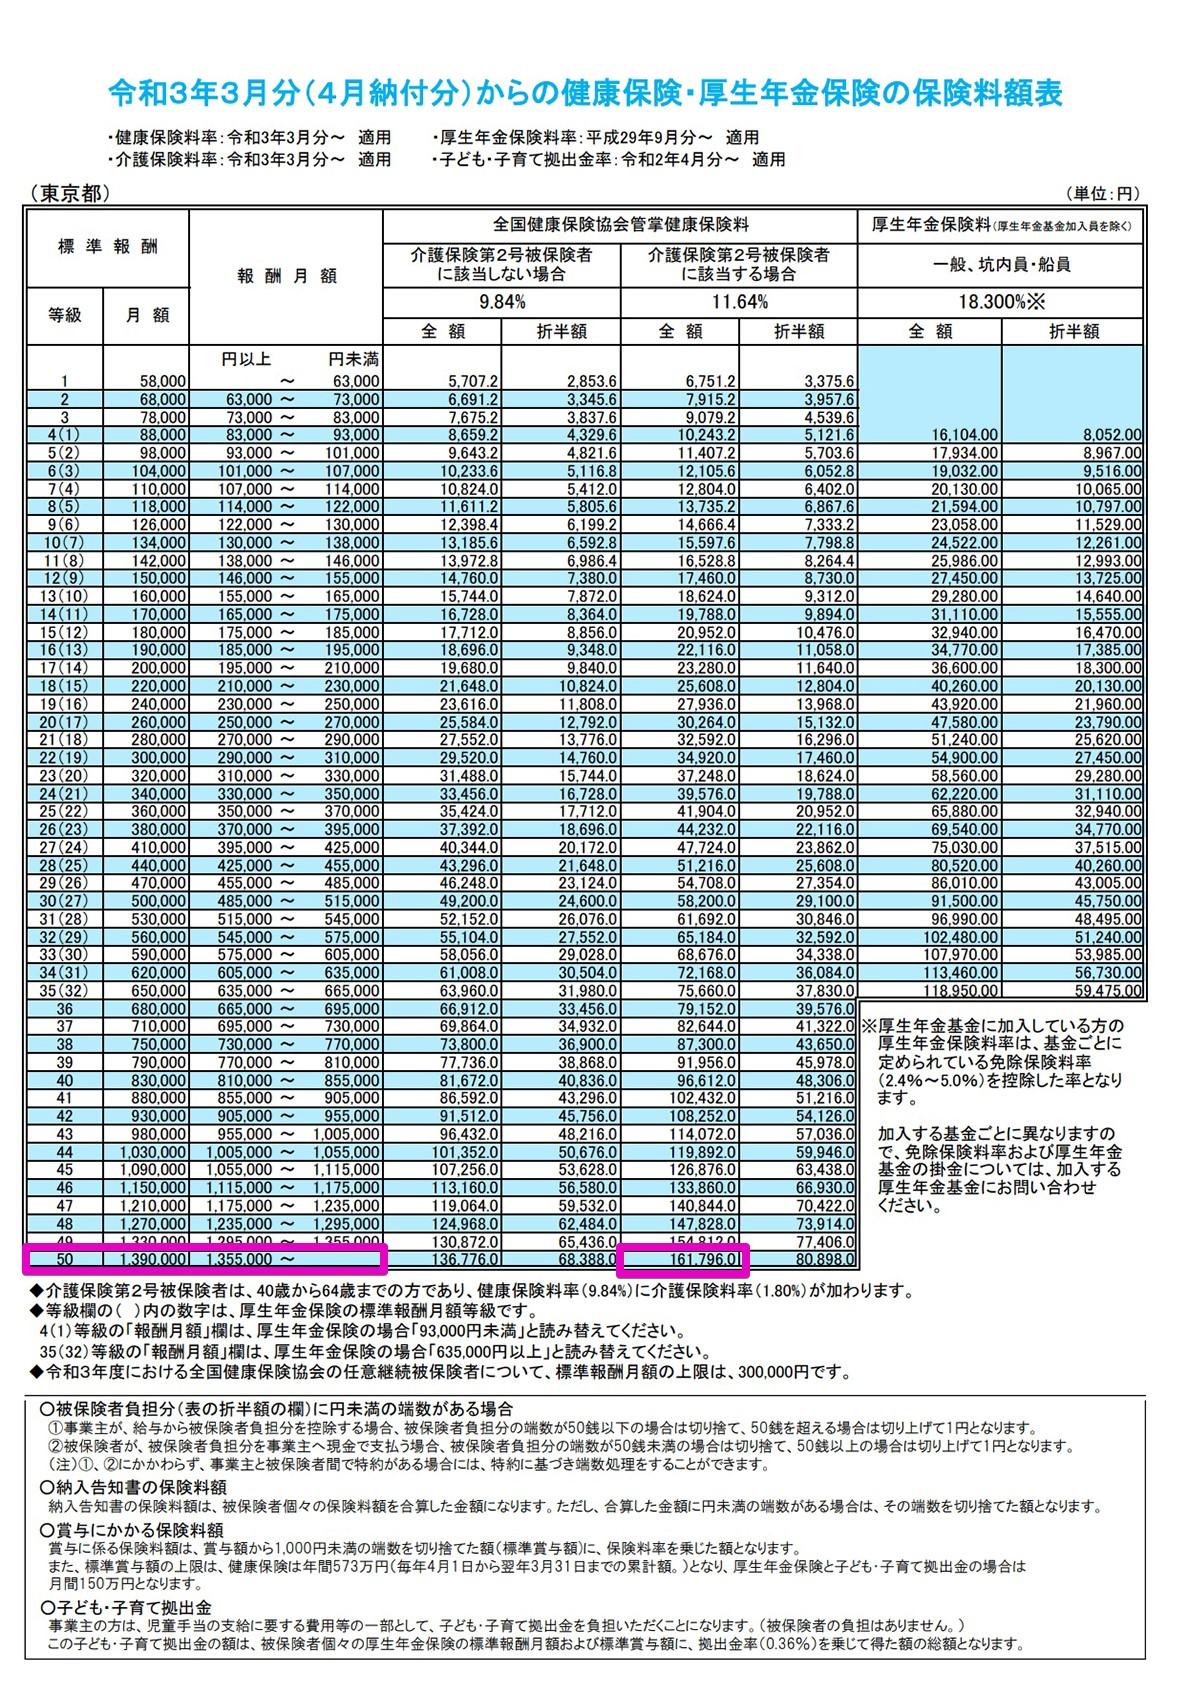 令和3年3月分からの年金保険の保険料額表